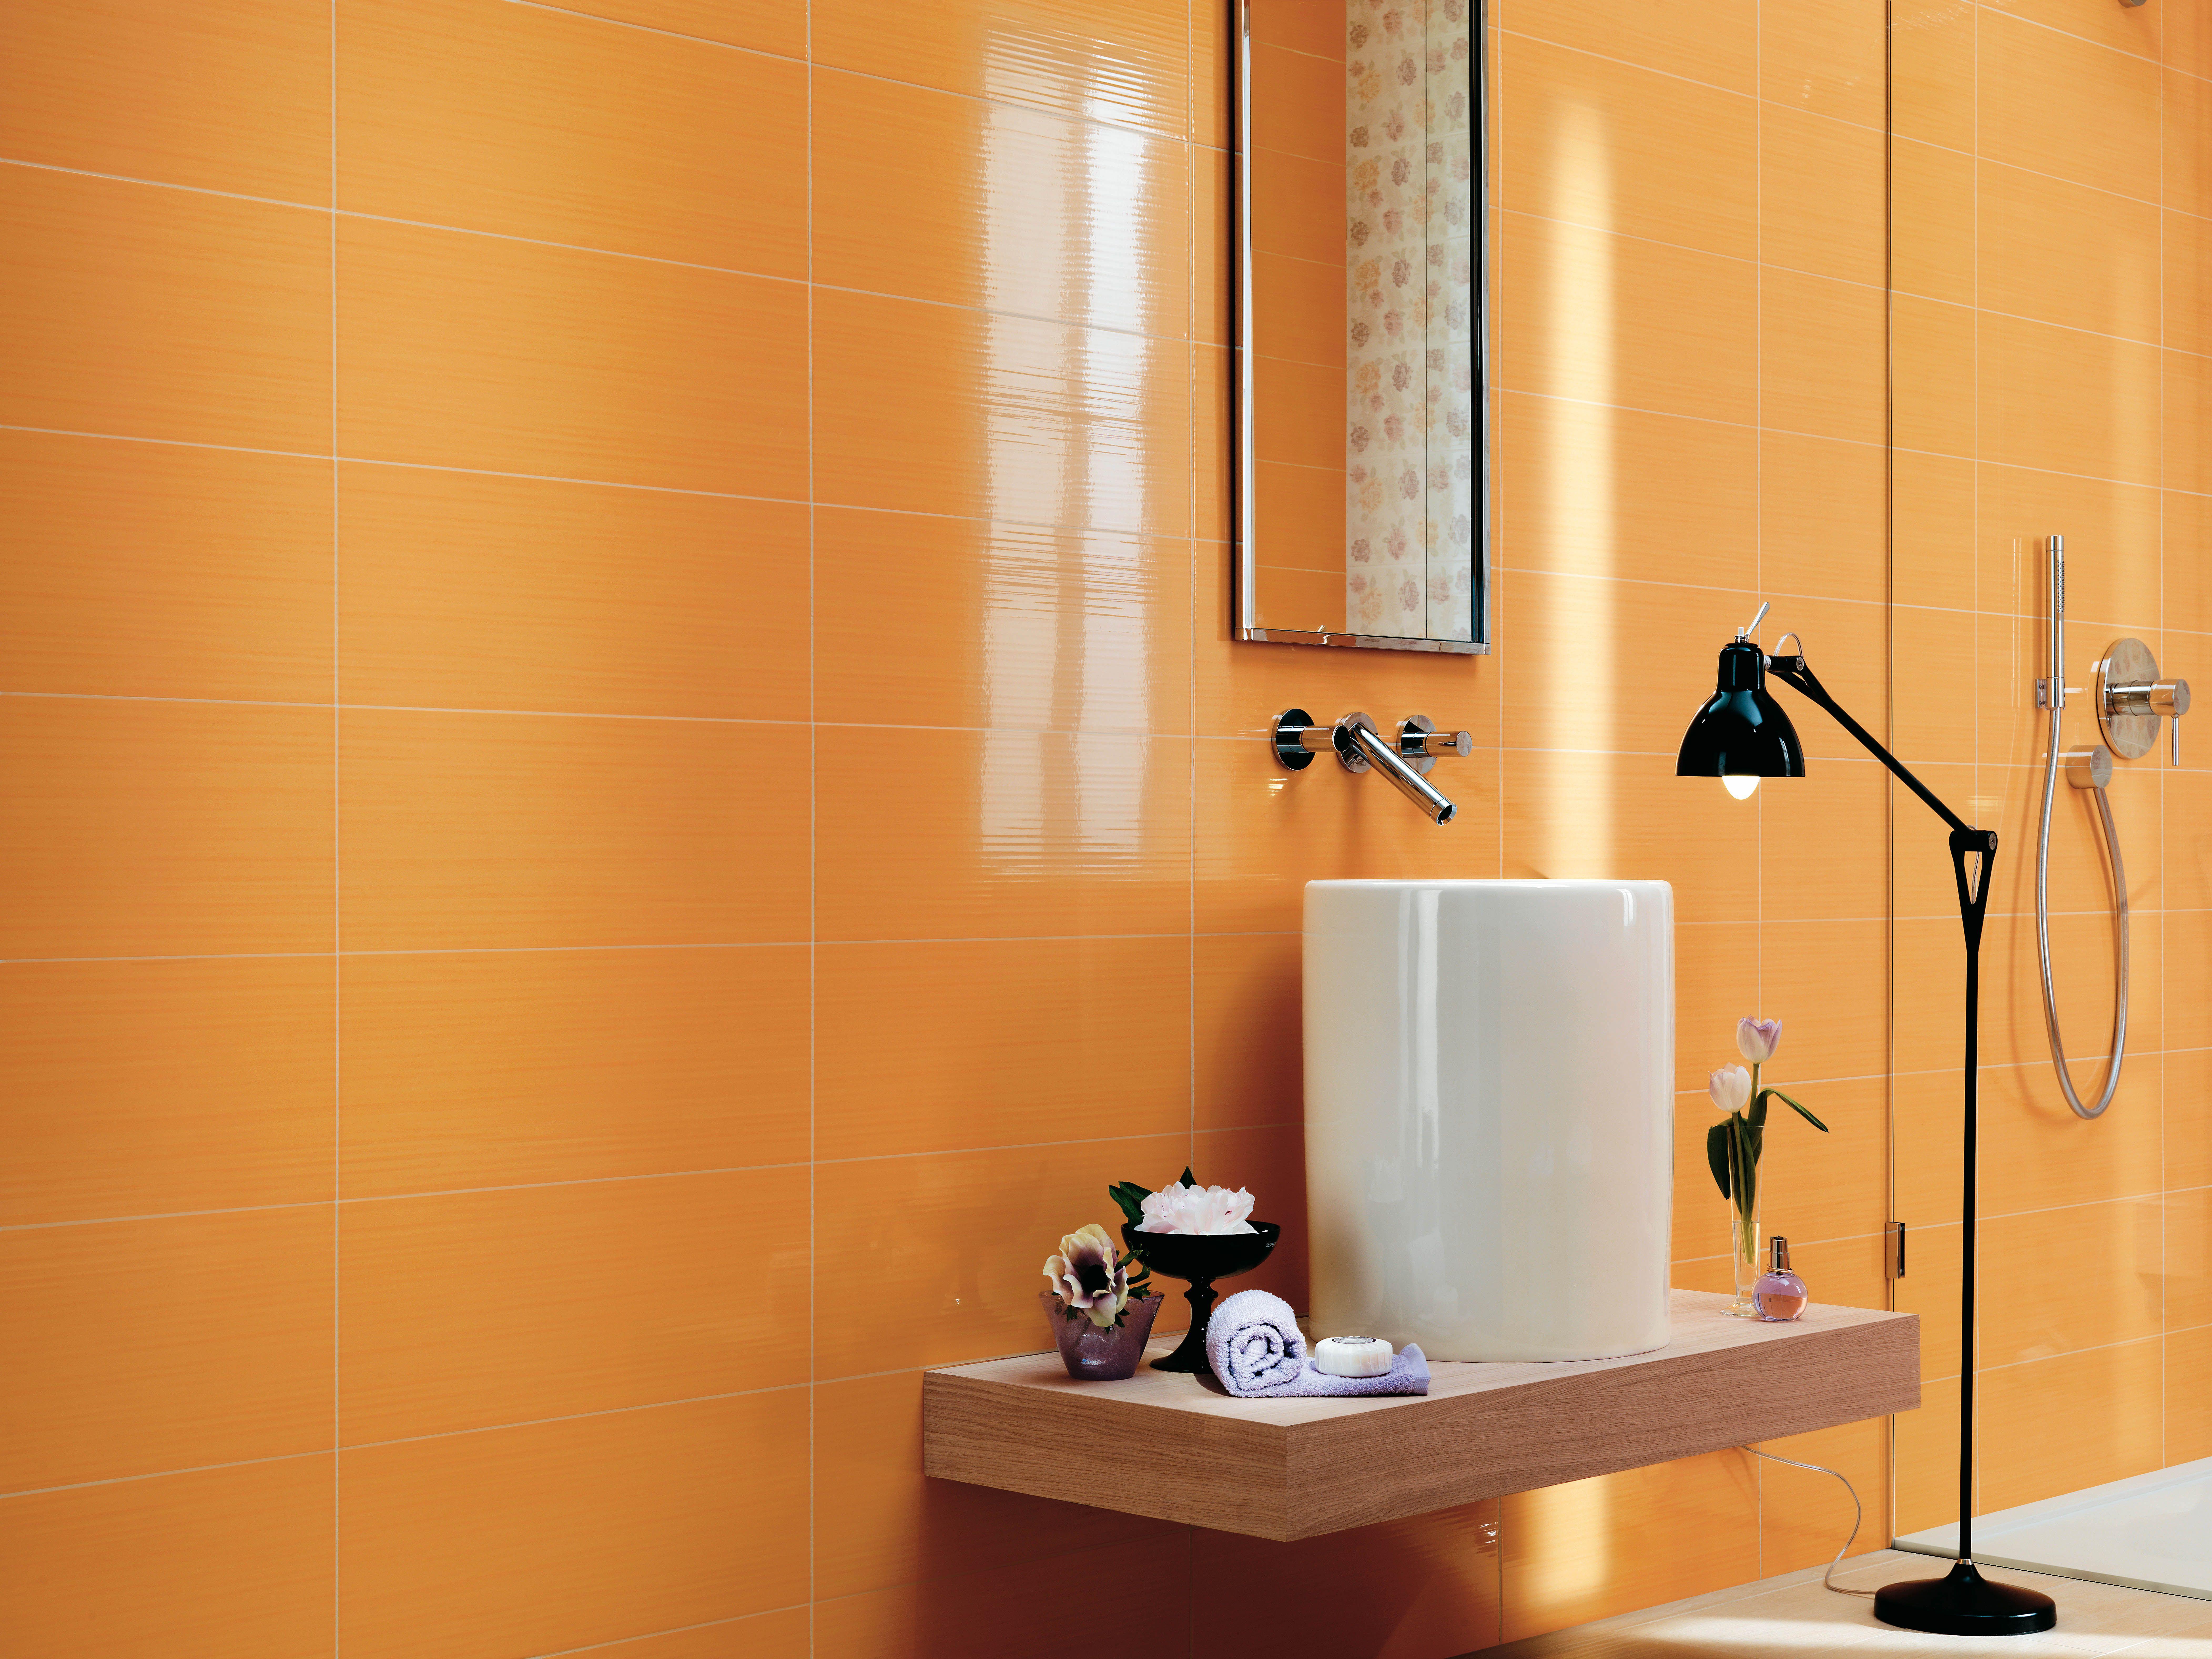 Piastrelle Arancioni Per Bagno atlas concorde: piastrelle in ceramica e gres porcellanato